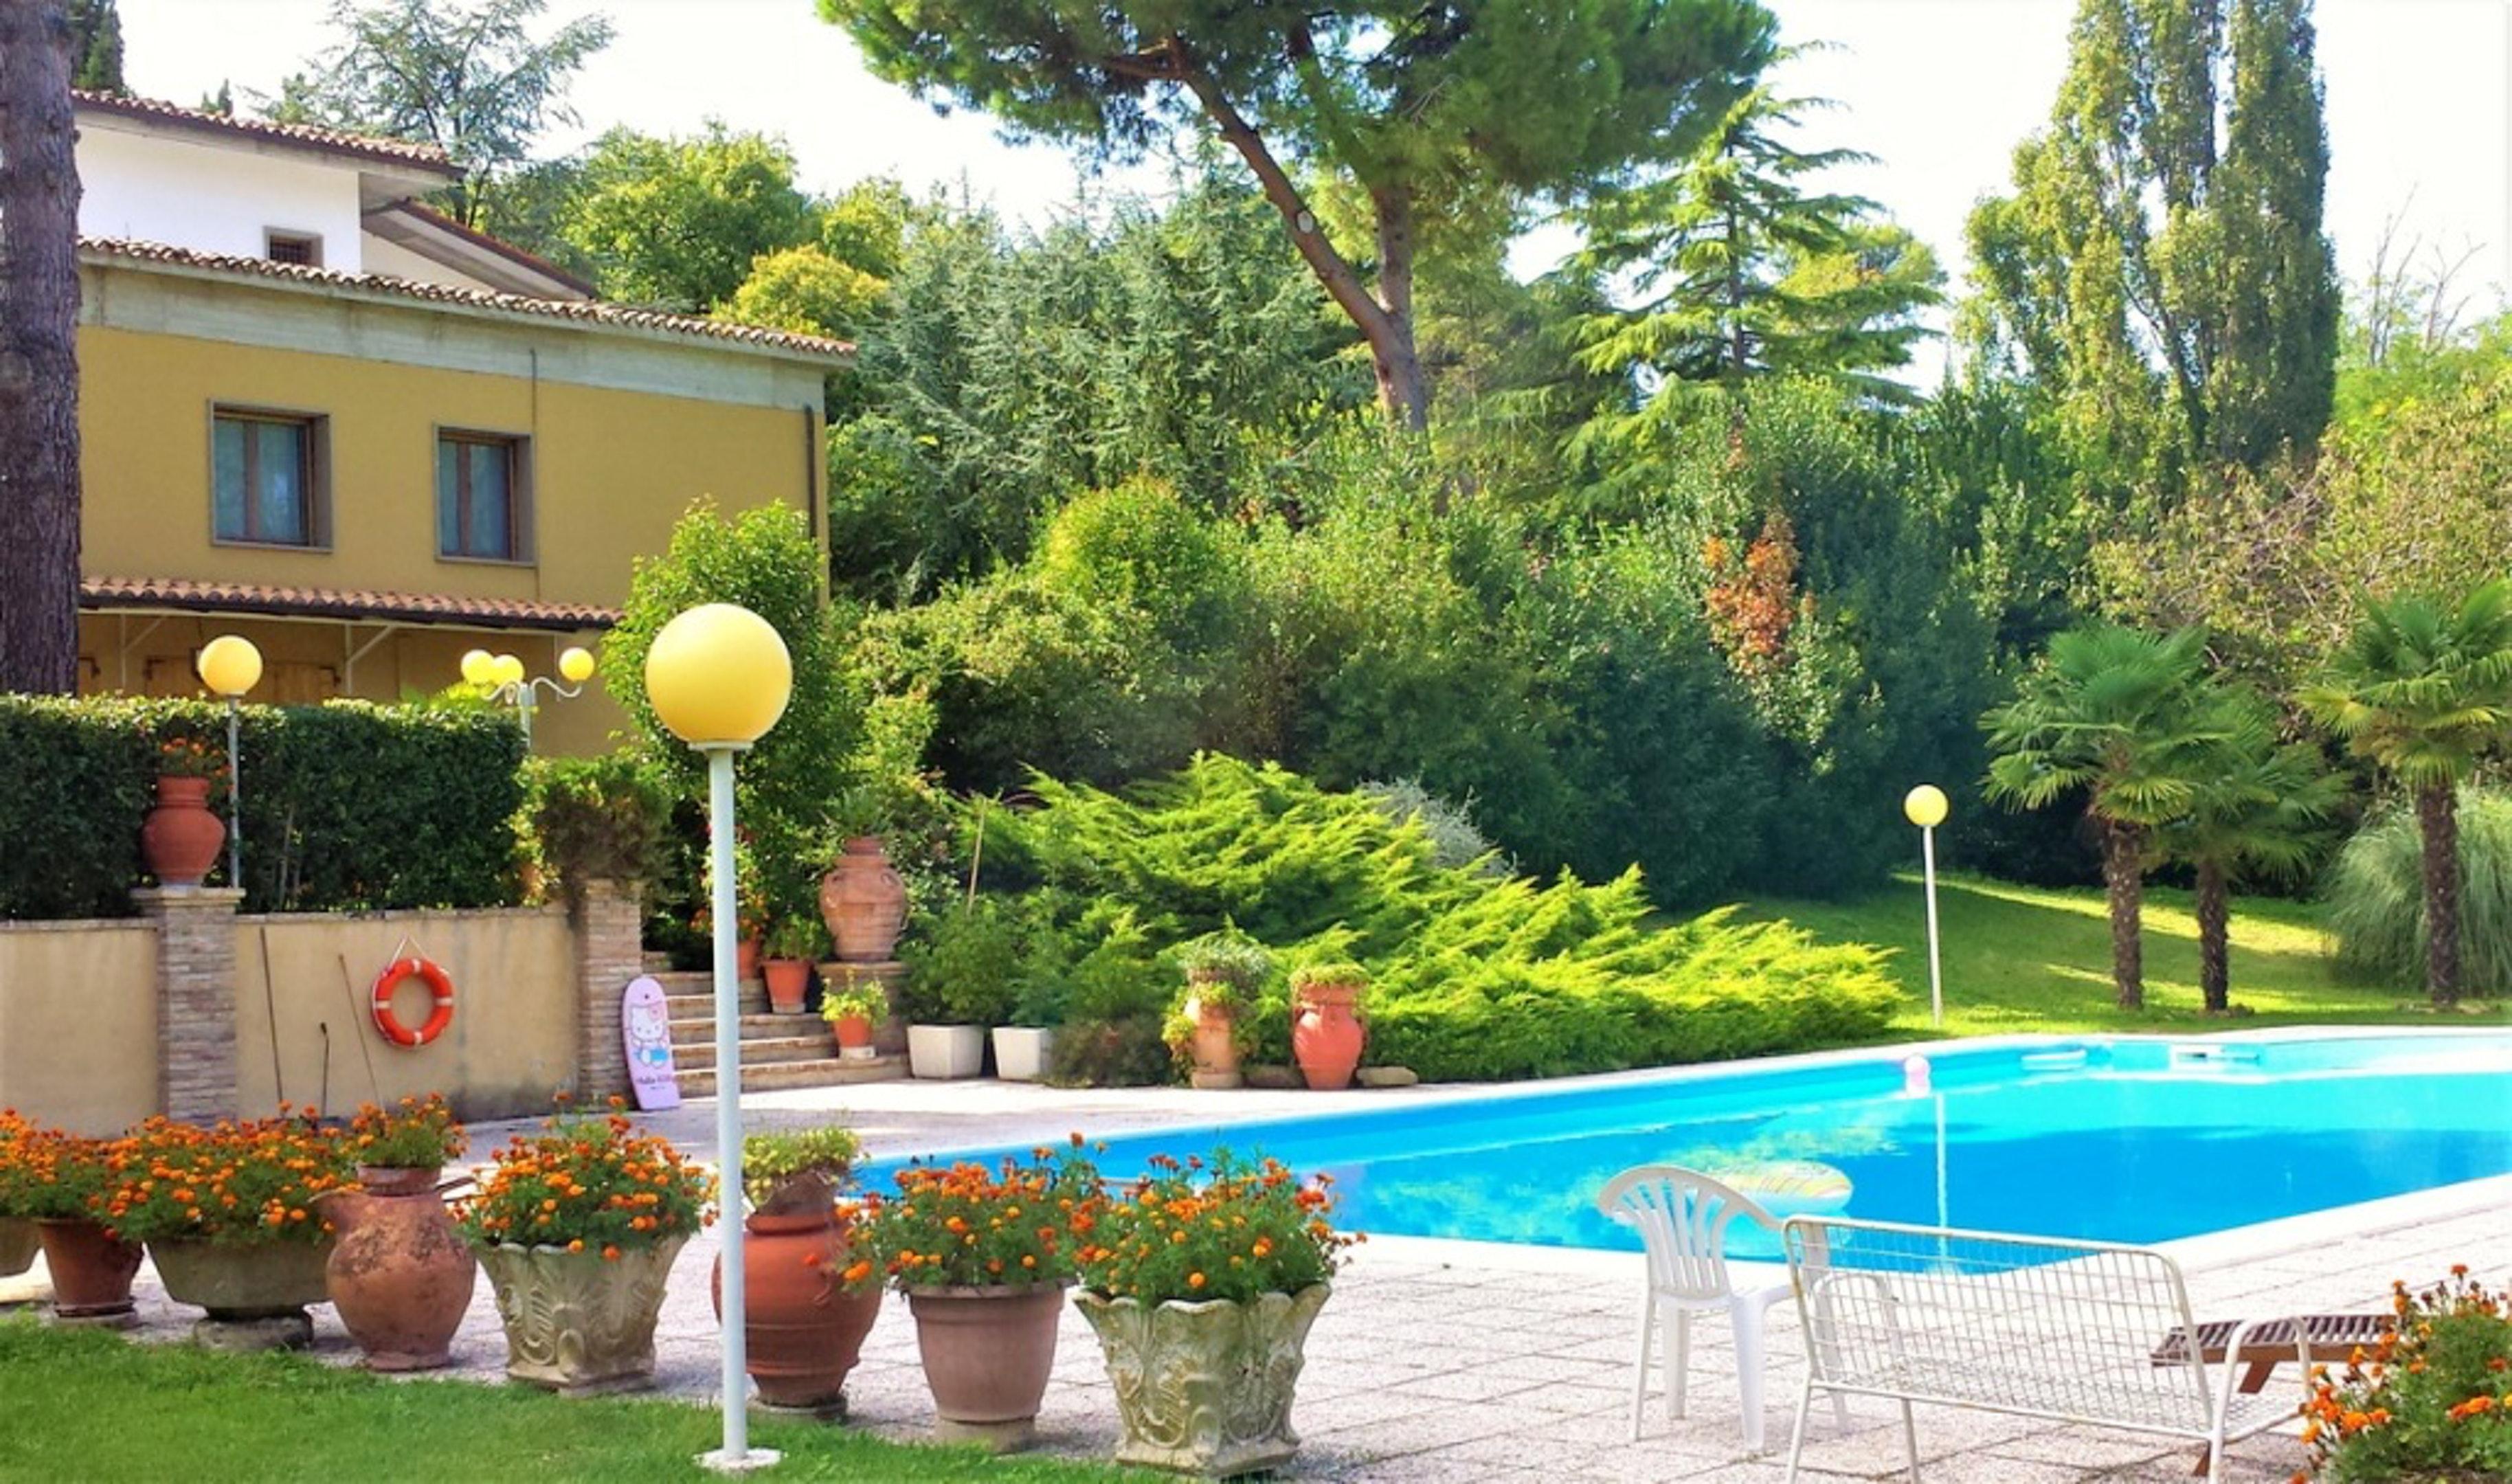 Ferienhaus Villa mit 5 Schlafzimmern in Pesaro mit privatem Pool, eingezäuntem Garten und W-LAN - 3 k (2202299), Pesaro, Pesaro und Urbino, Marken, Italien, Bild 3